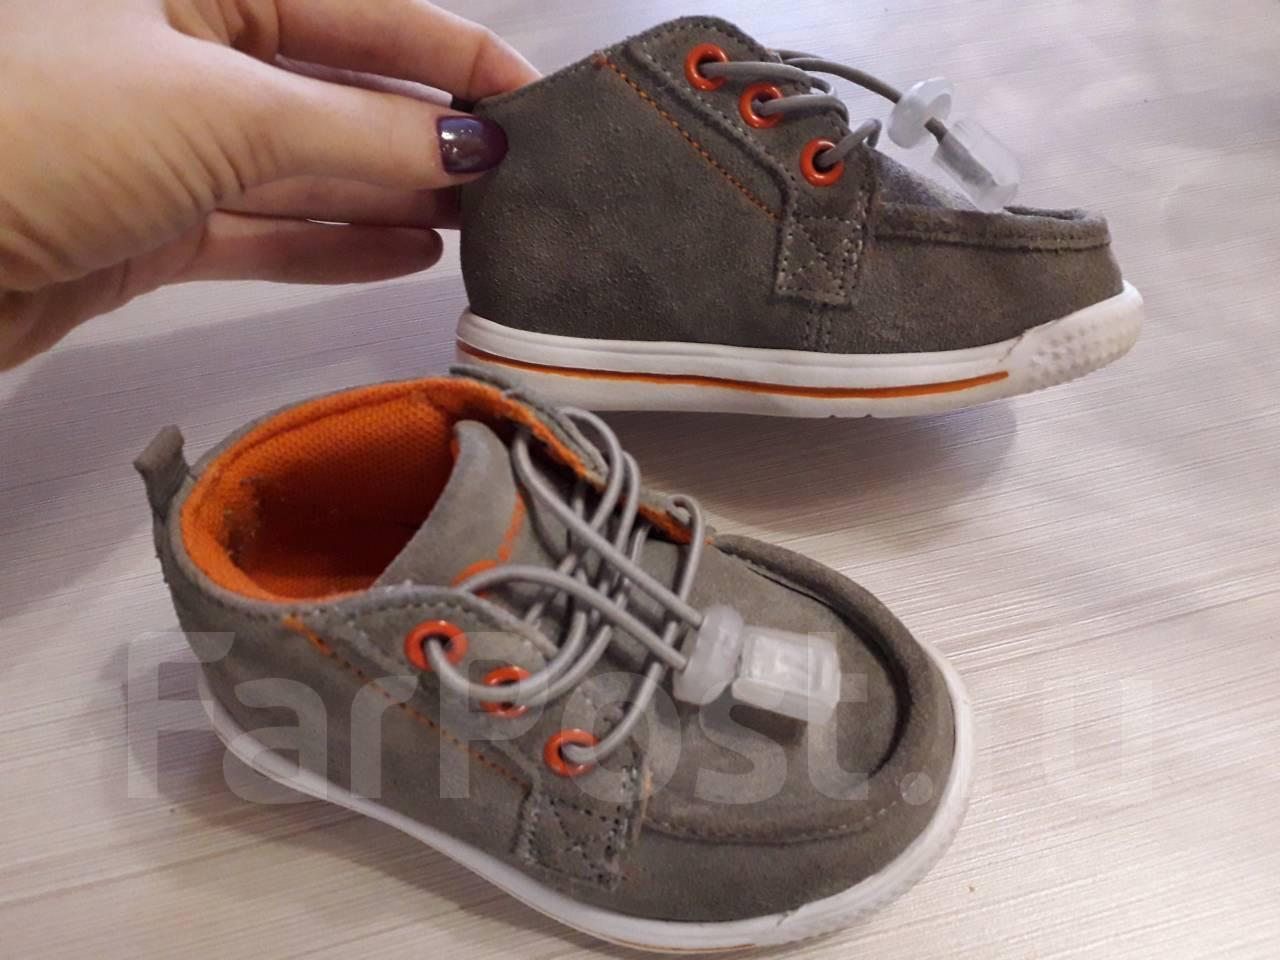 99a8b4b47 Детские ботинки Размер: 22 размера - купить во Владивостоке. Цены. Фото.